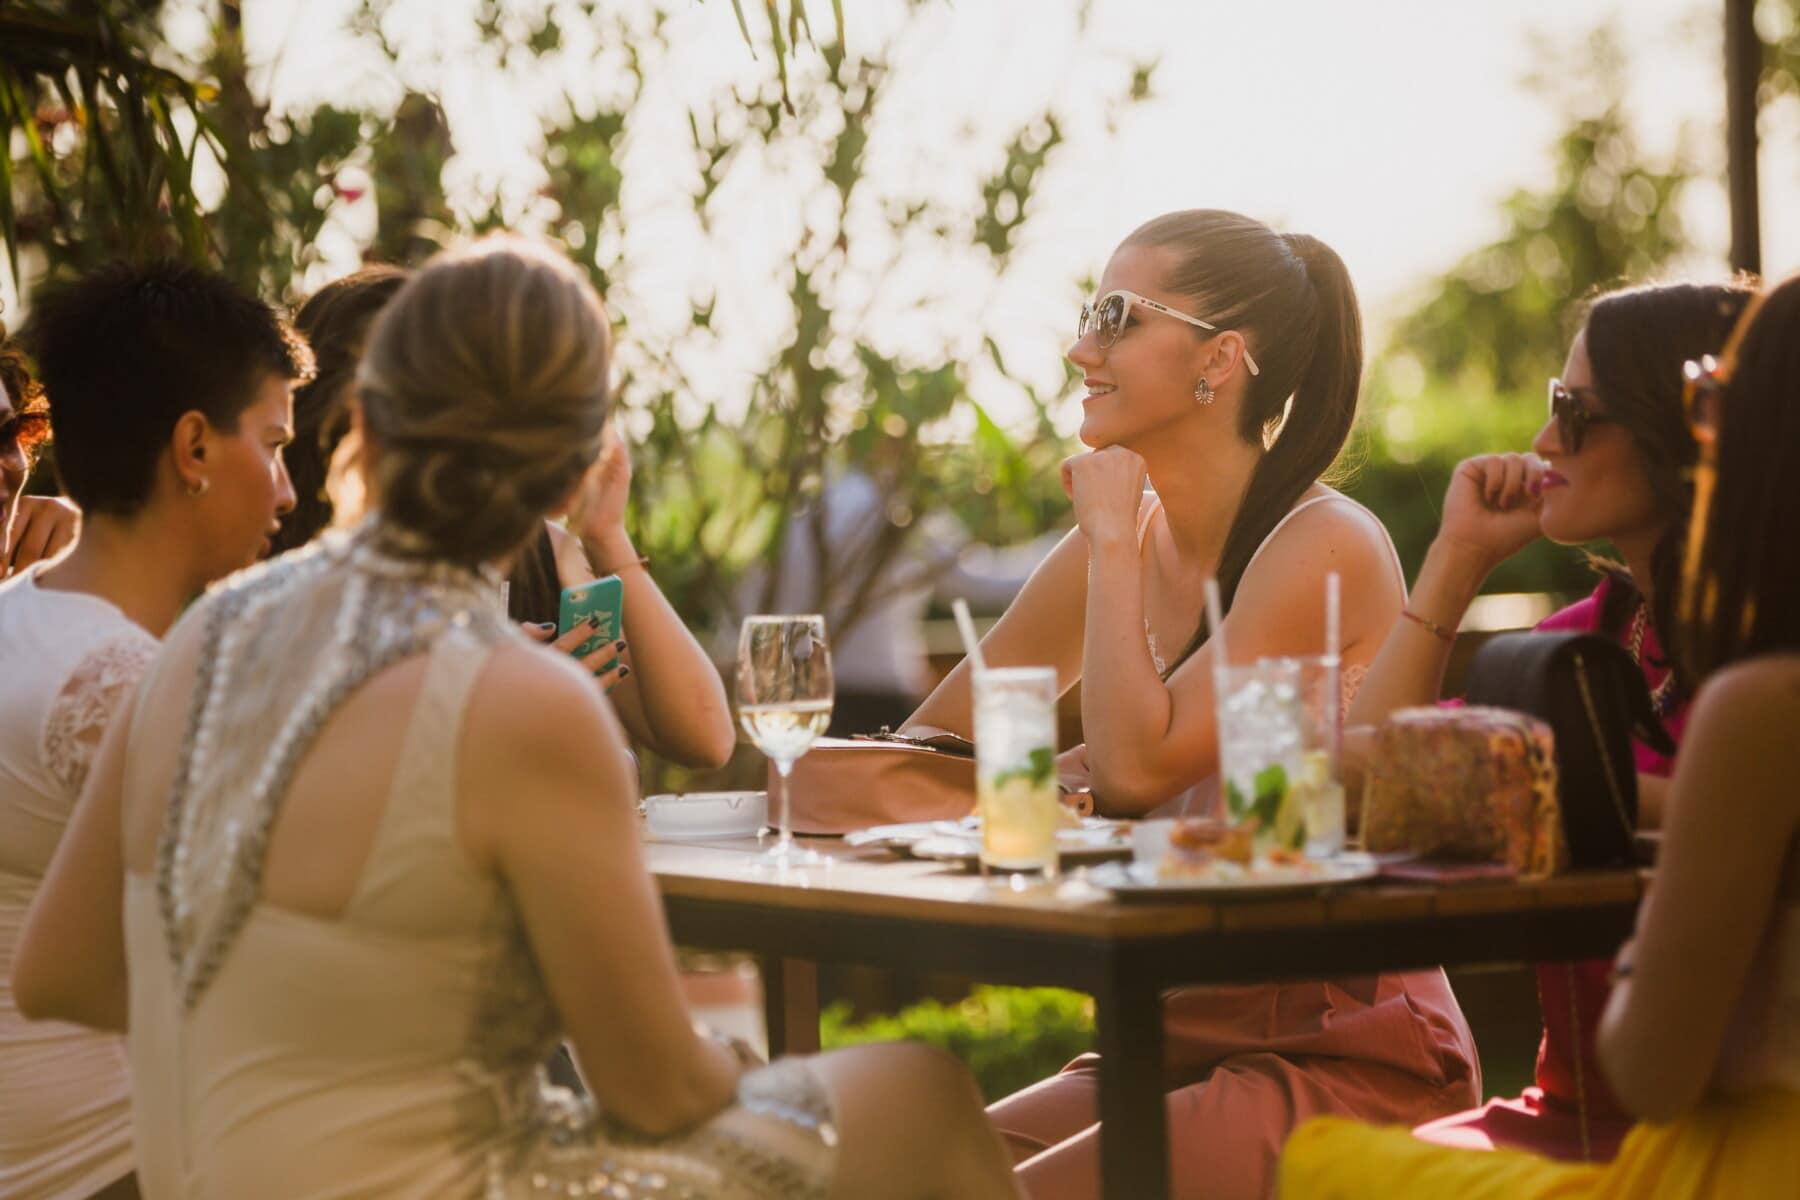 cafétéria, femmes, parti, assis, jouissance, cocktails, jeunes filles, petite amie, amitié, amis